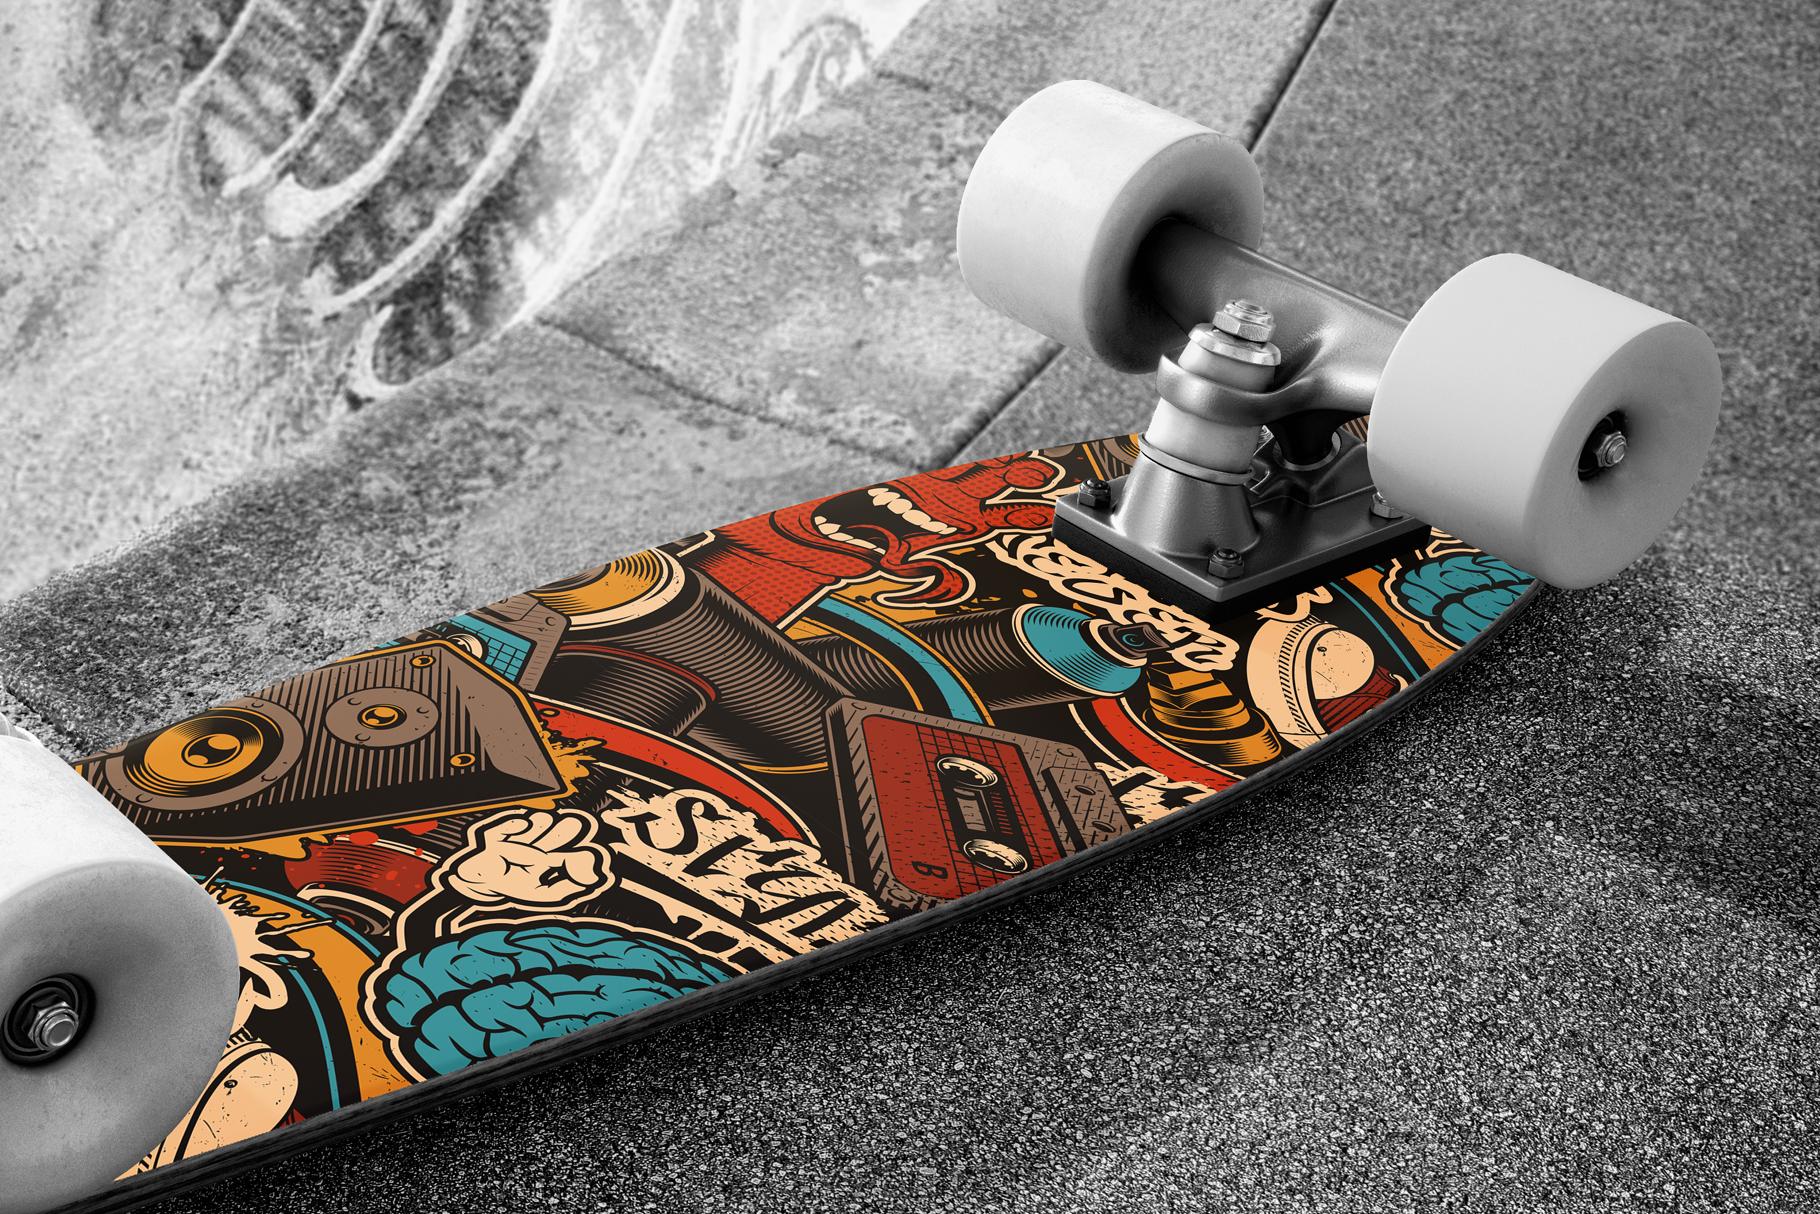 Graffiti Seamless Patterns example image 4